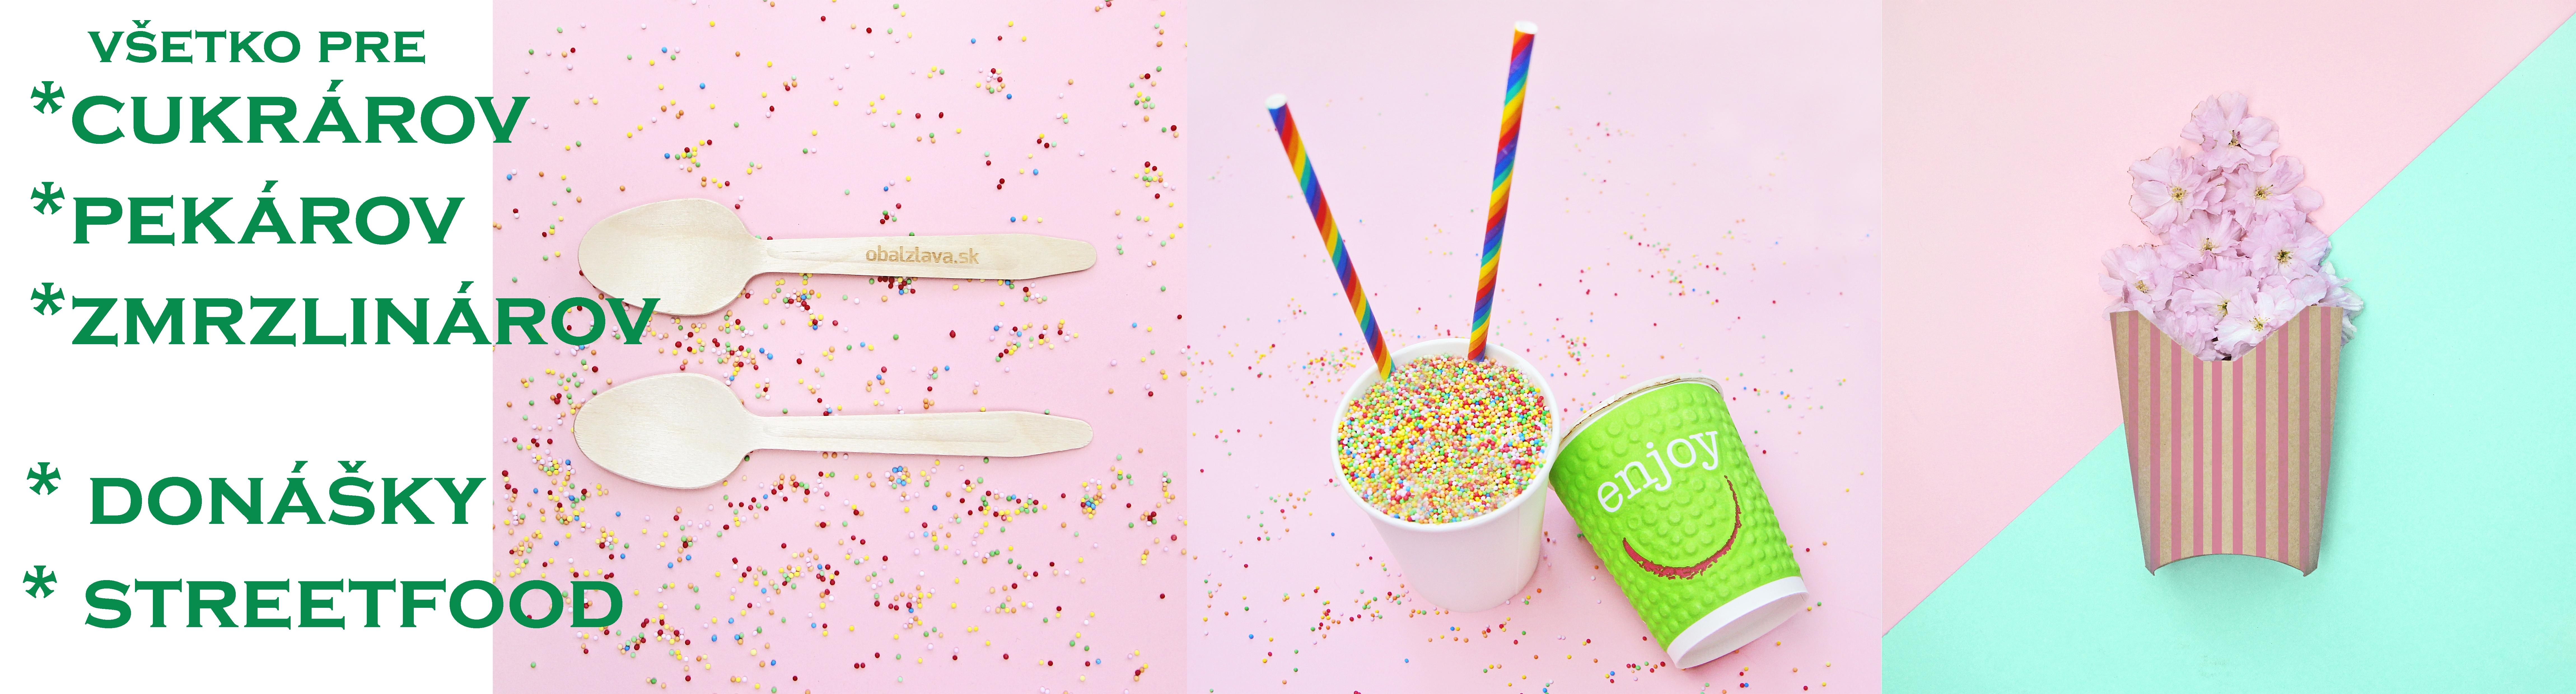 Obaly pre cukrárov, pekárov, zmrzlinárov, streetfood, fingerfood